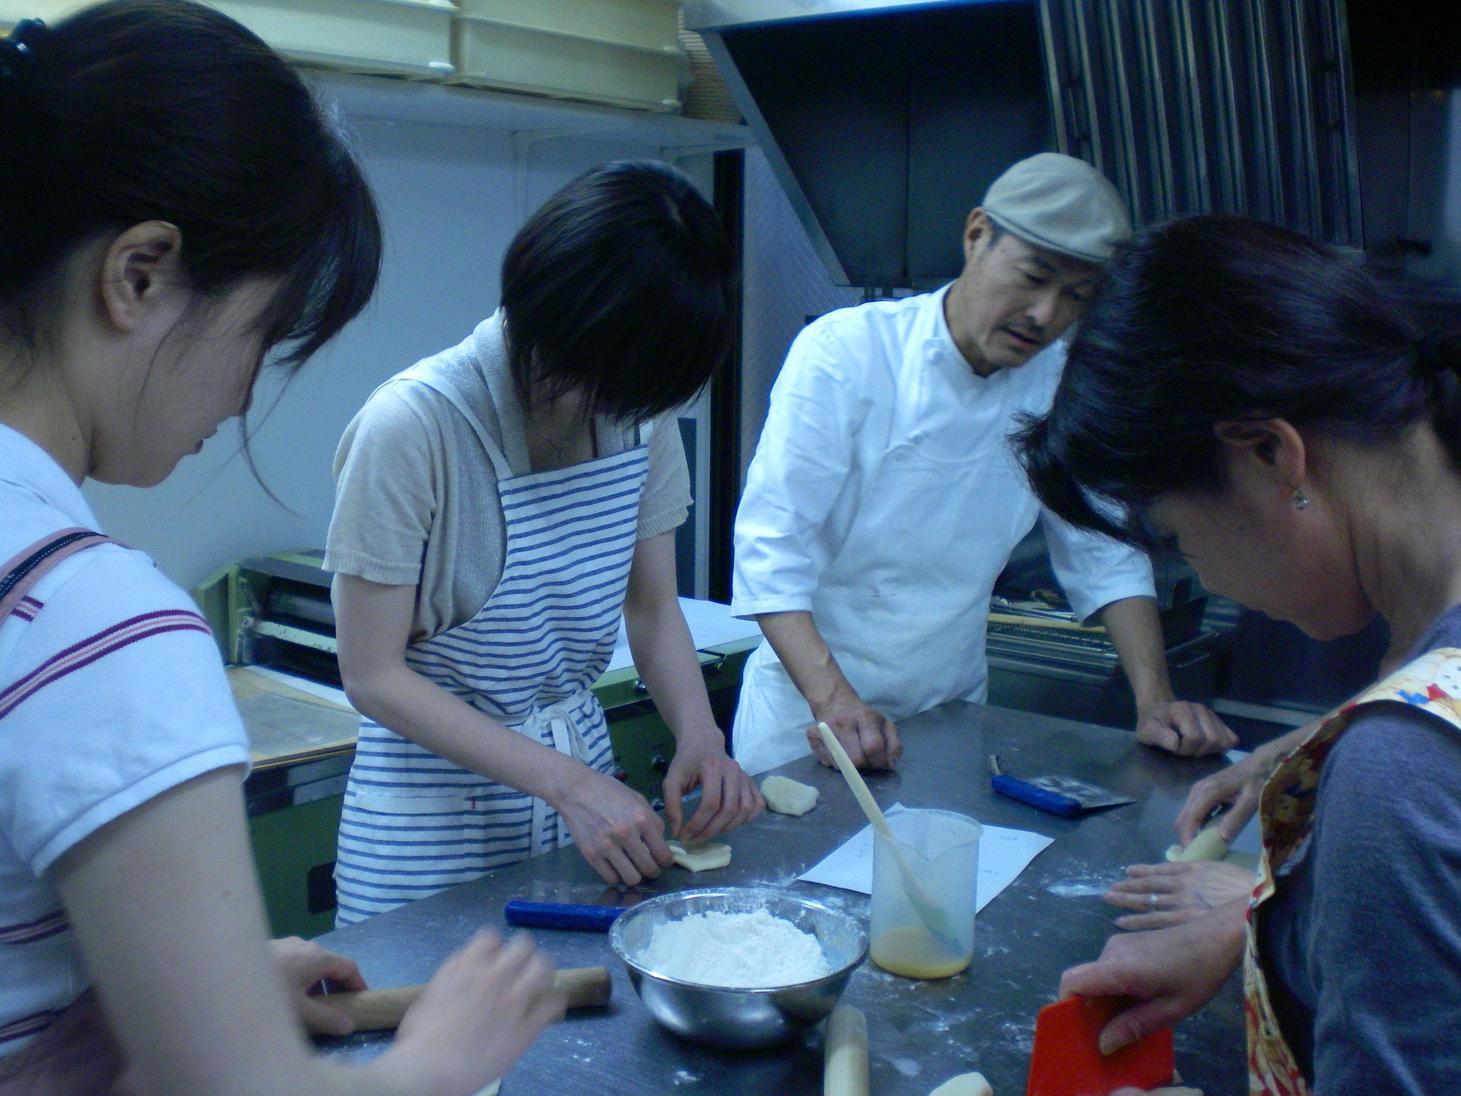 パン作り体験教室好評でした_c0172969_21415512.jpg